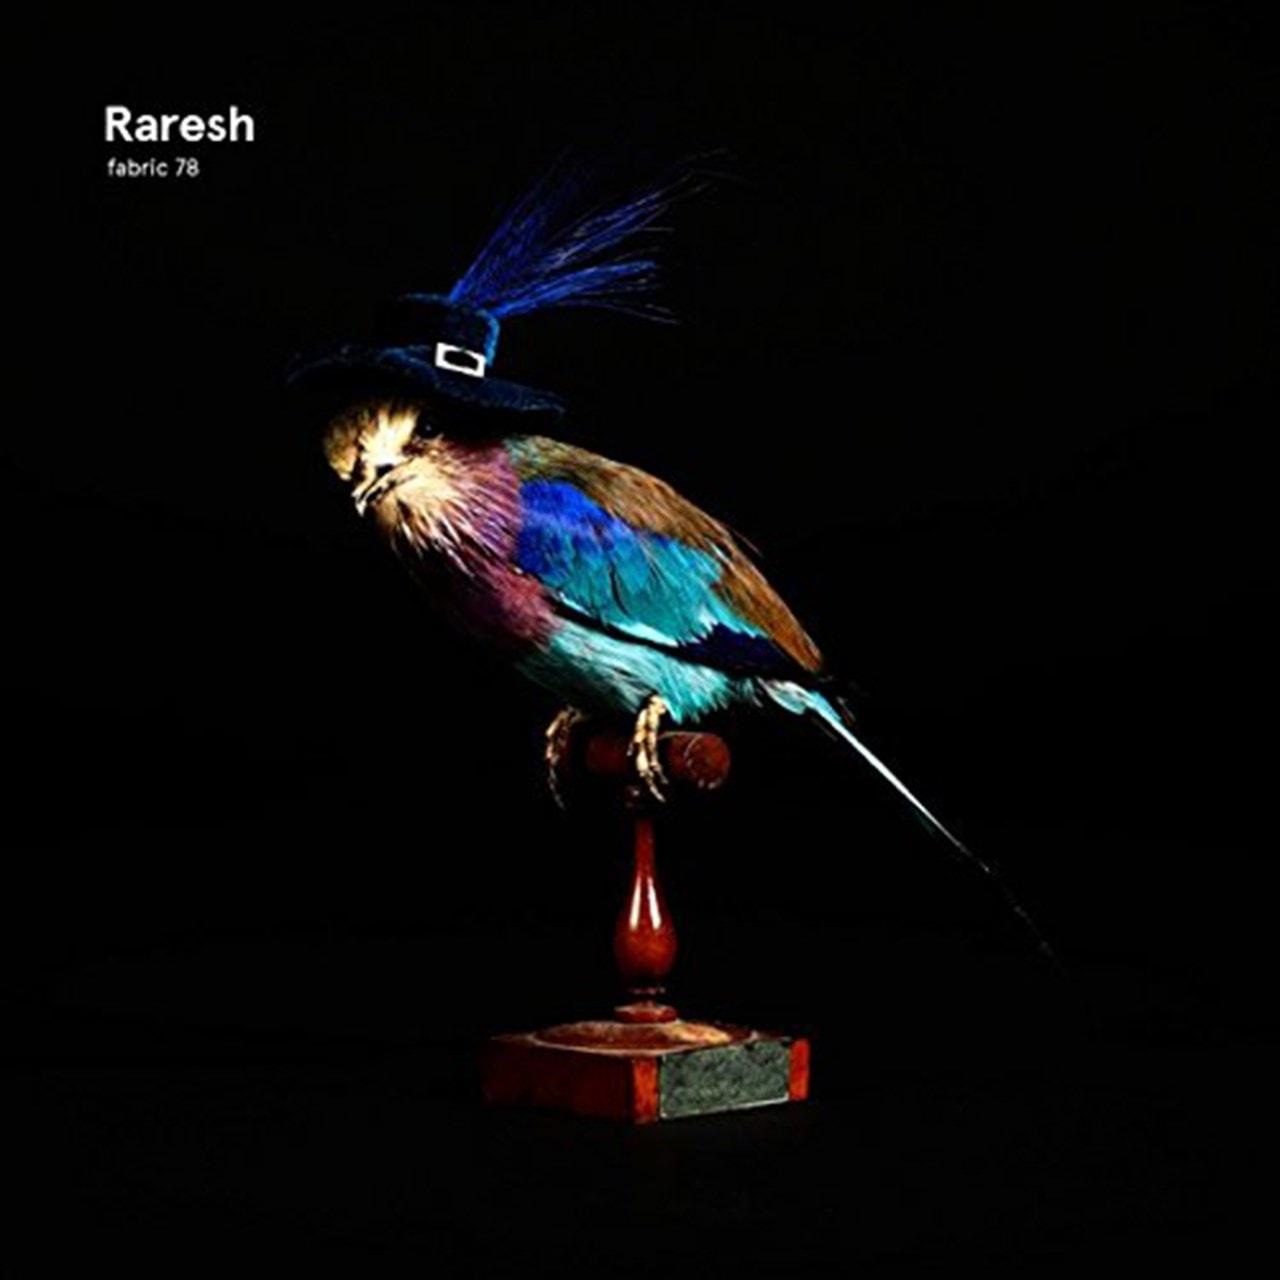 Fabric 78: Mixed By Raresh - 1